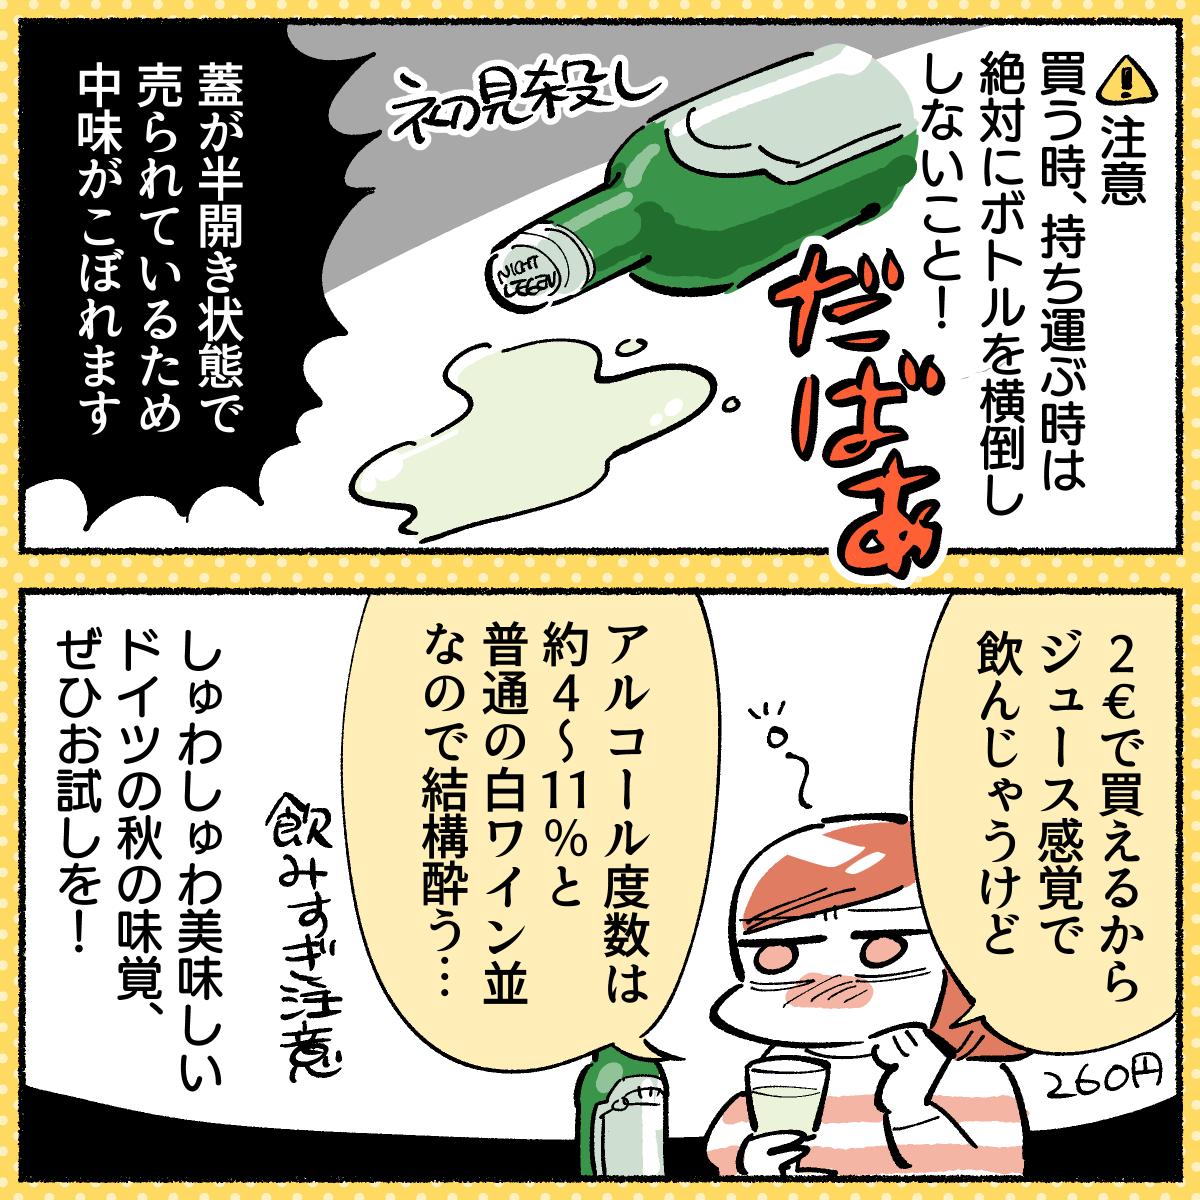 f:id:i_magawa:20211001042727p:plain